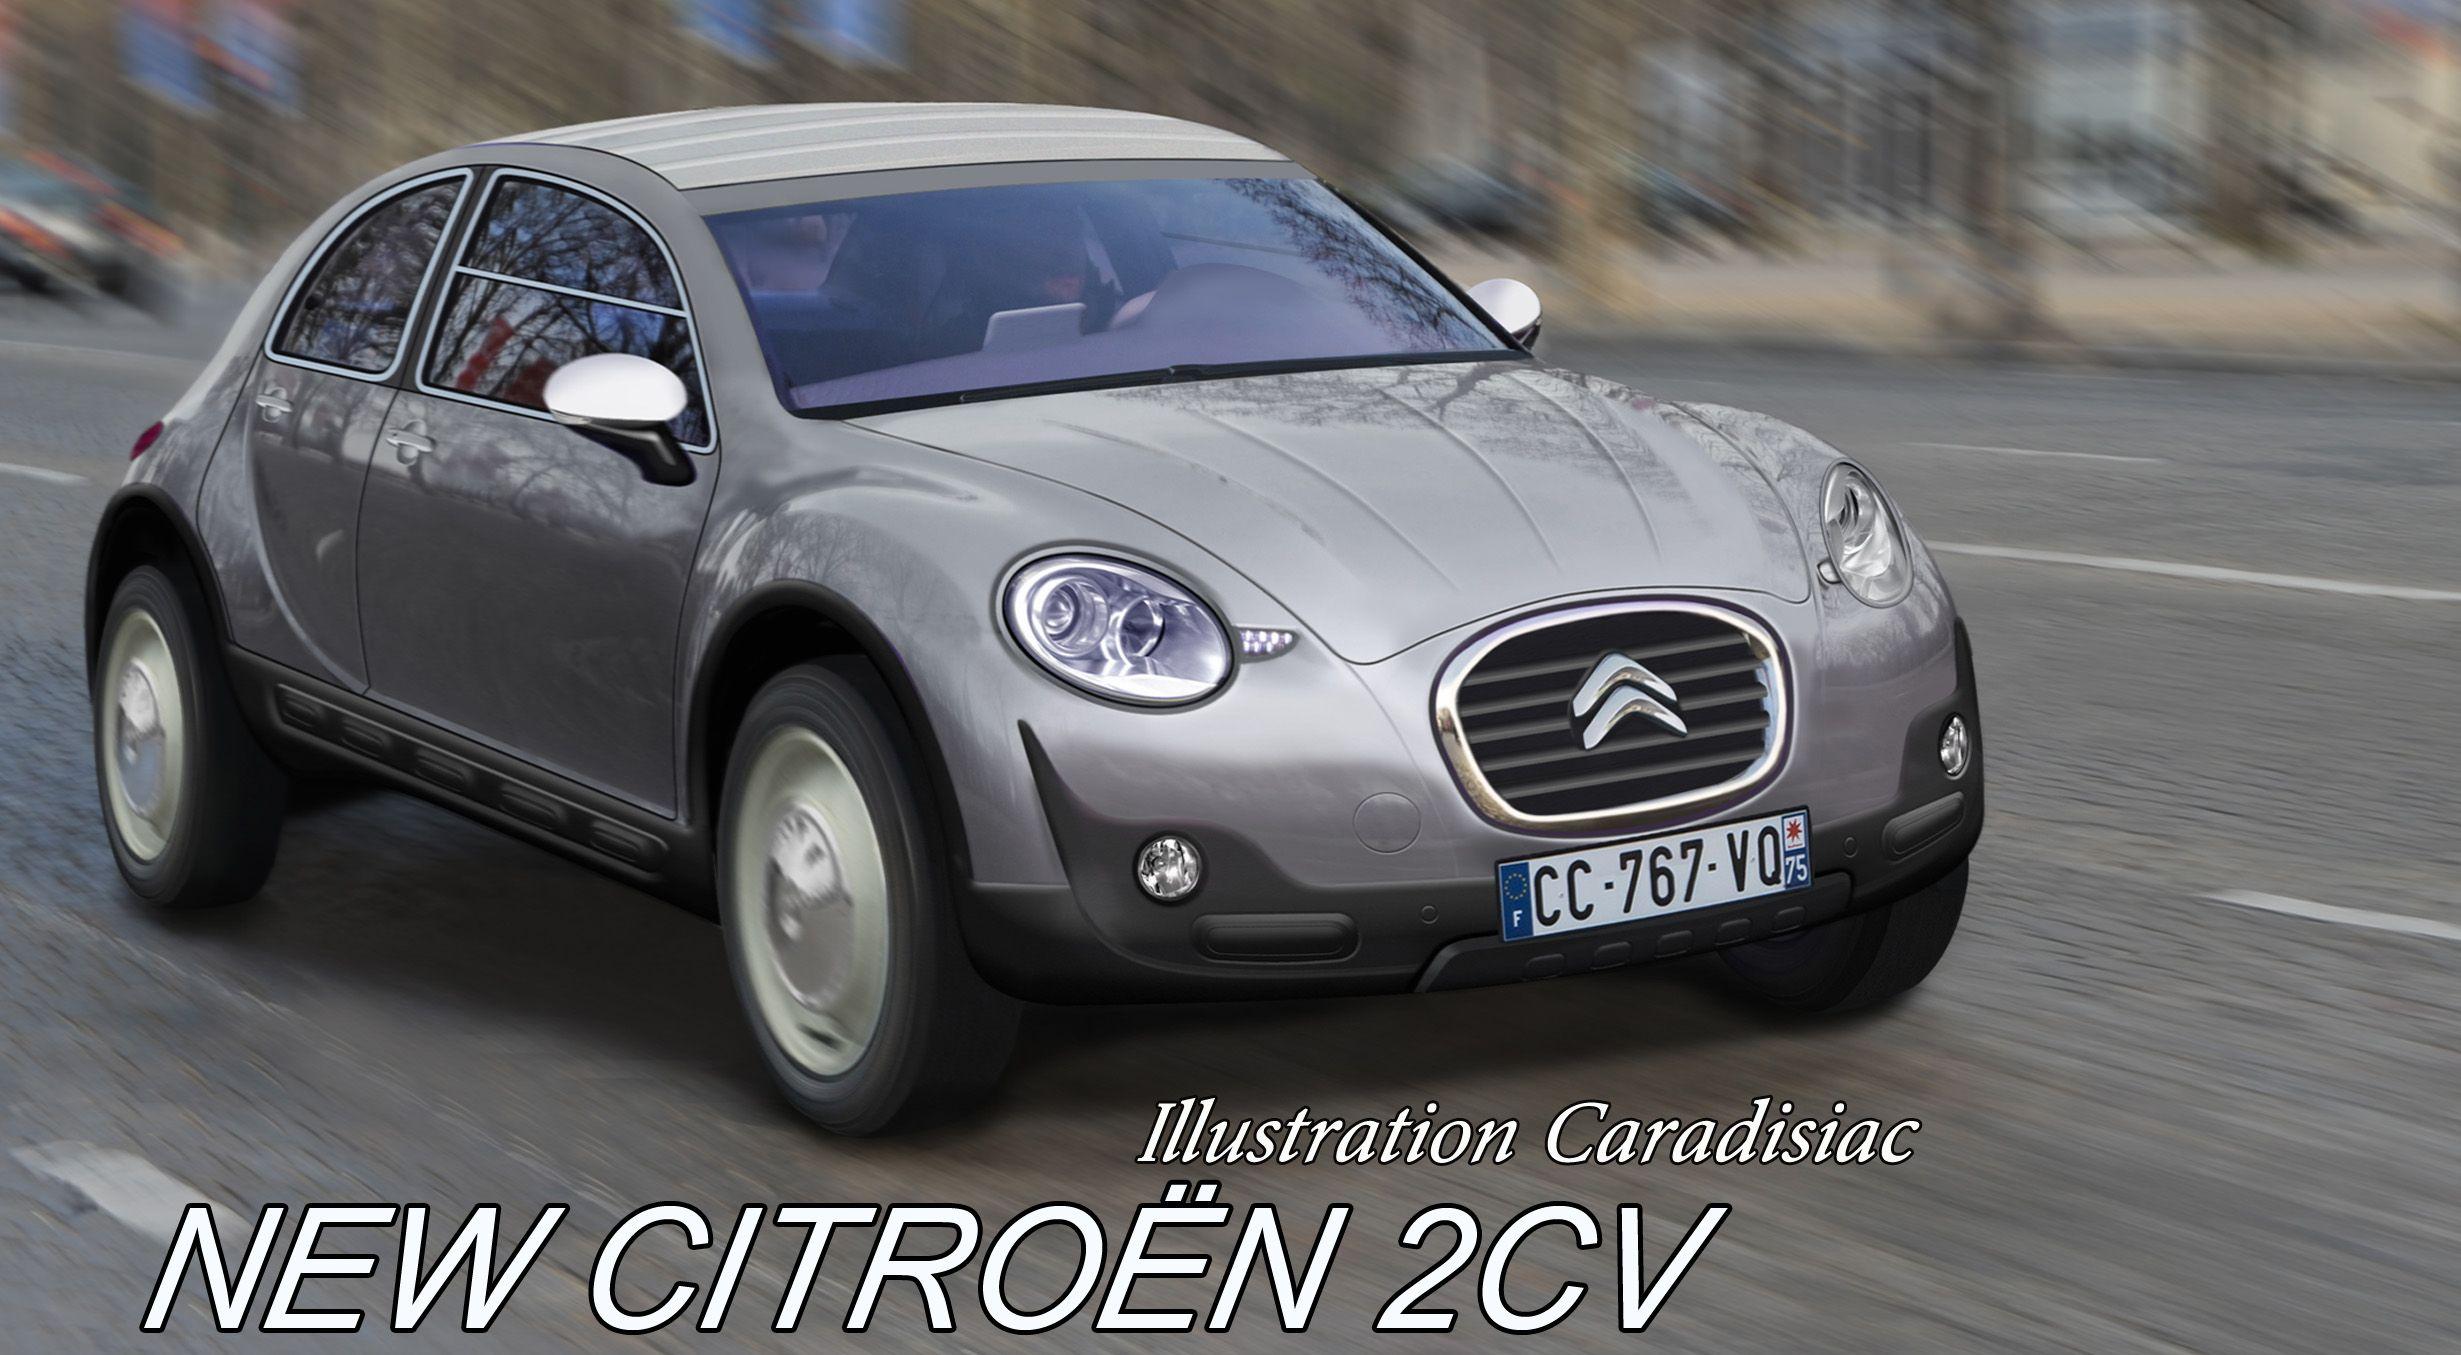 S0 Nouvelle Citroen 2 Cv Portrait Robot D Une Revolutionnaire 365560 Jpg 2461 1355 Citroen Concept Citroen Futuristic Cars